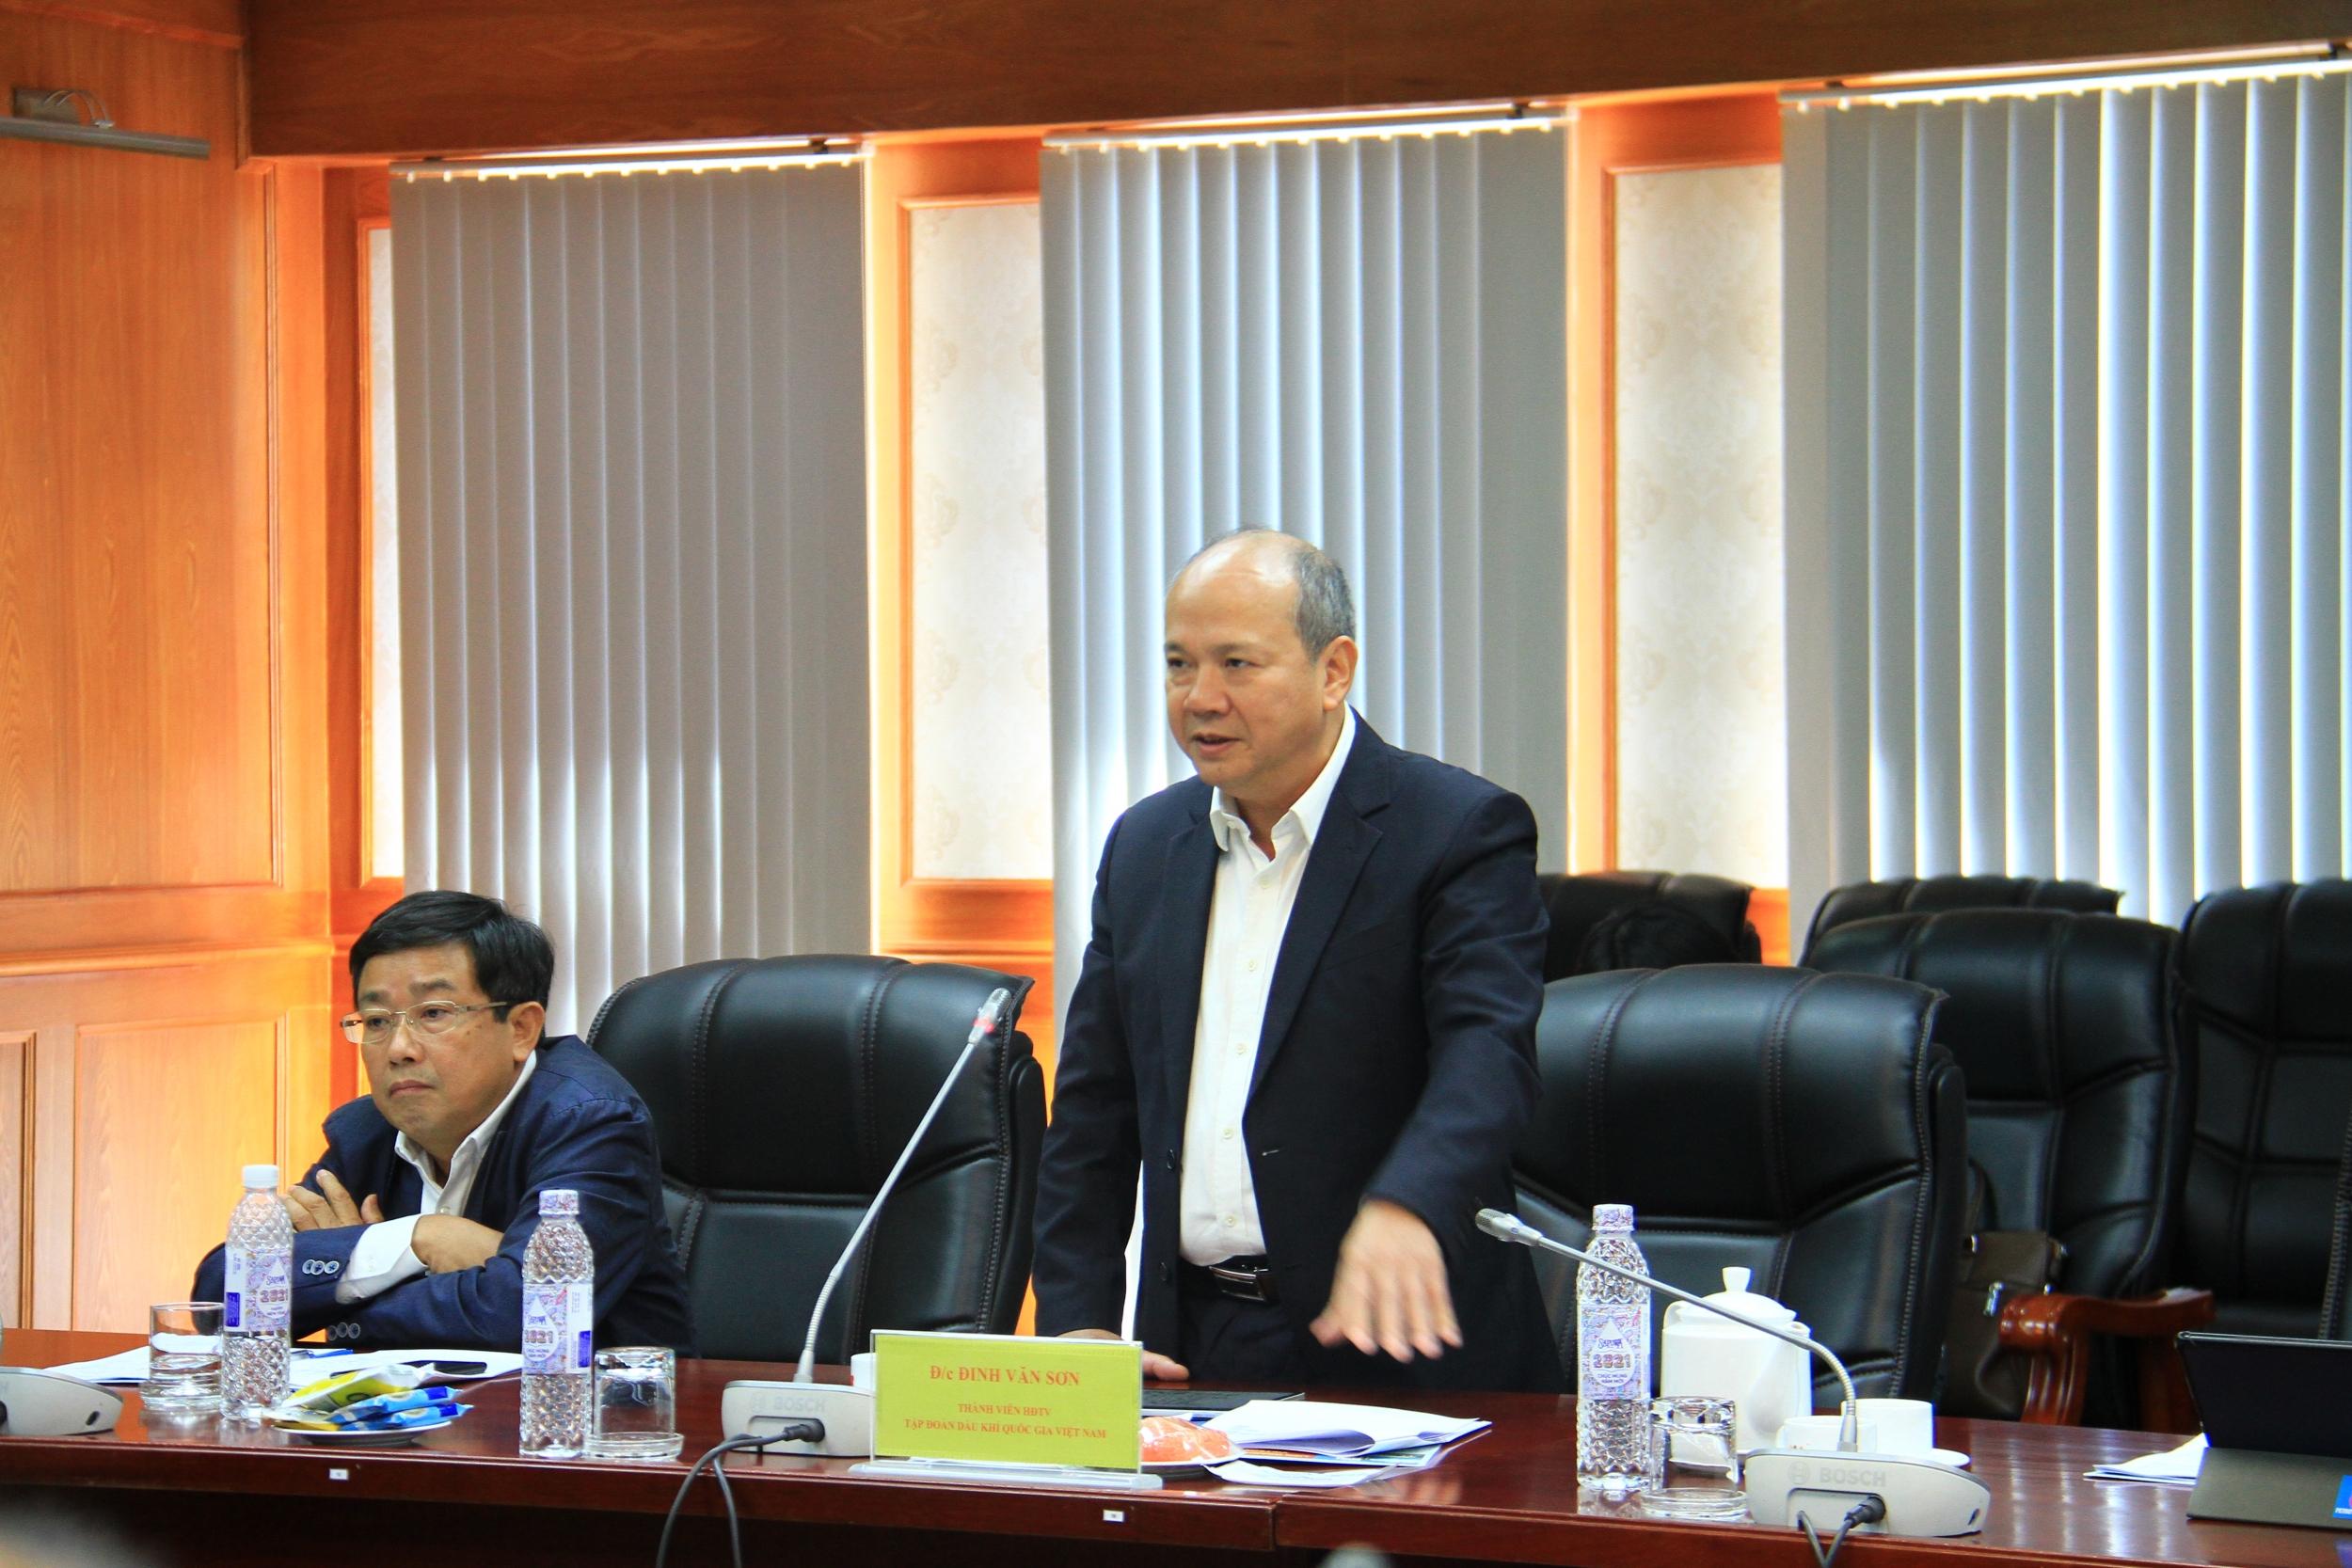 Chủ tịch HĐTV Petrovietnam Hoàng Quốc Vượng: Vietsovpetro phải là đơn vị dẫn dắt thị trường năng lượng